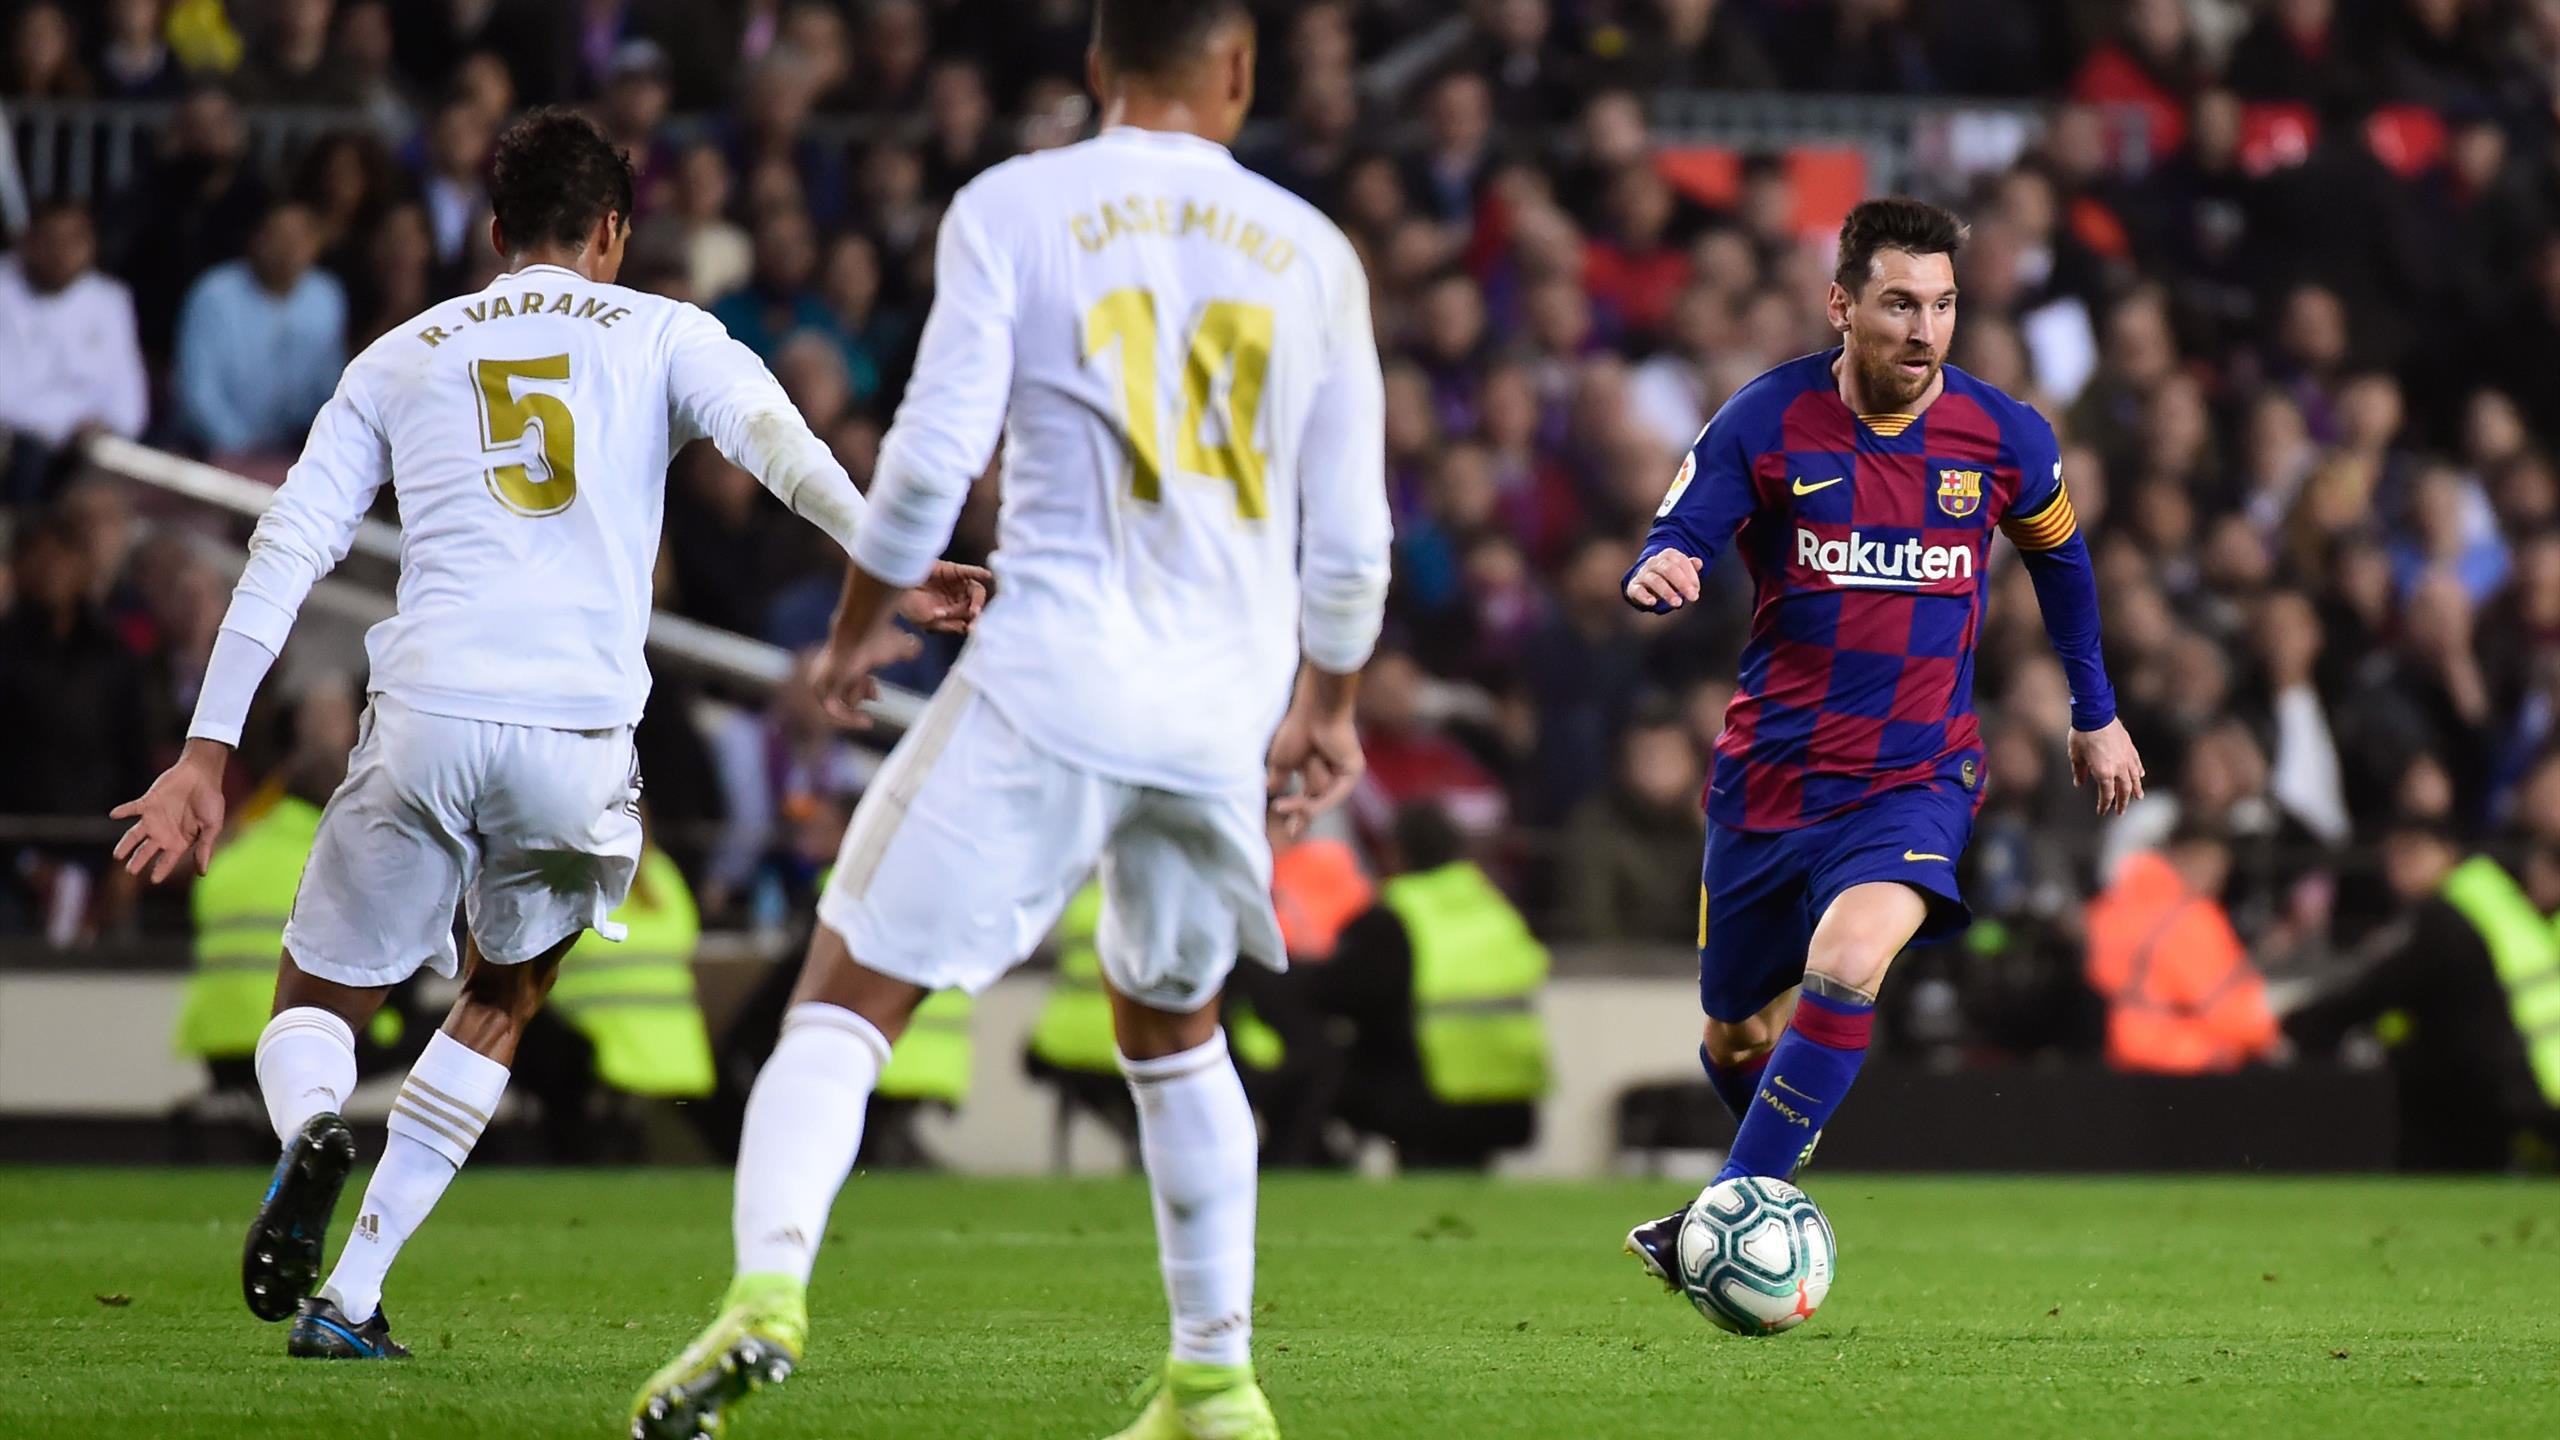 Барселона реал мадрид желтые карточки